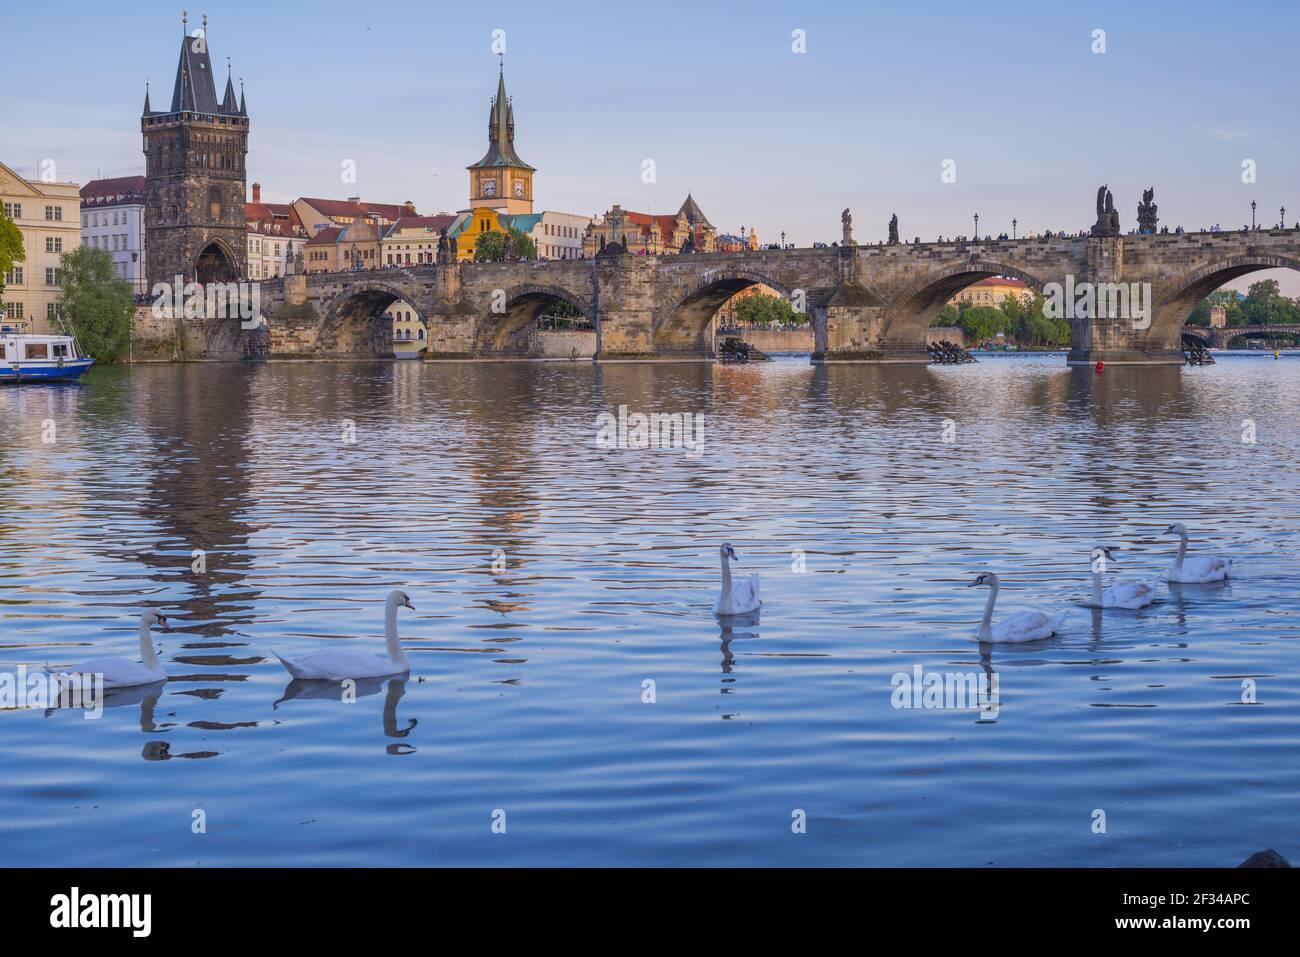 Geografia / viaggio, Czechia, Boemia, Moldava e Ponte Carlo, la torre del ponte della città vecchia, la torre dell'acqua del vecchio oversize, Praga, , Freedom-of-Panorama Foto Stock